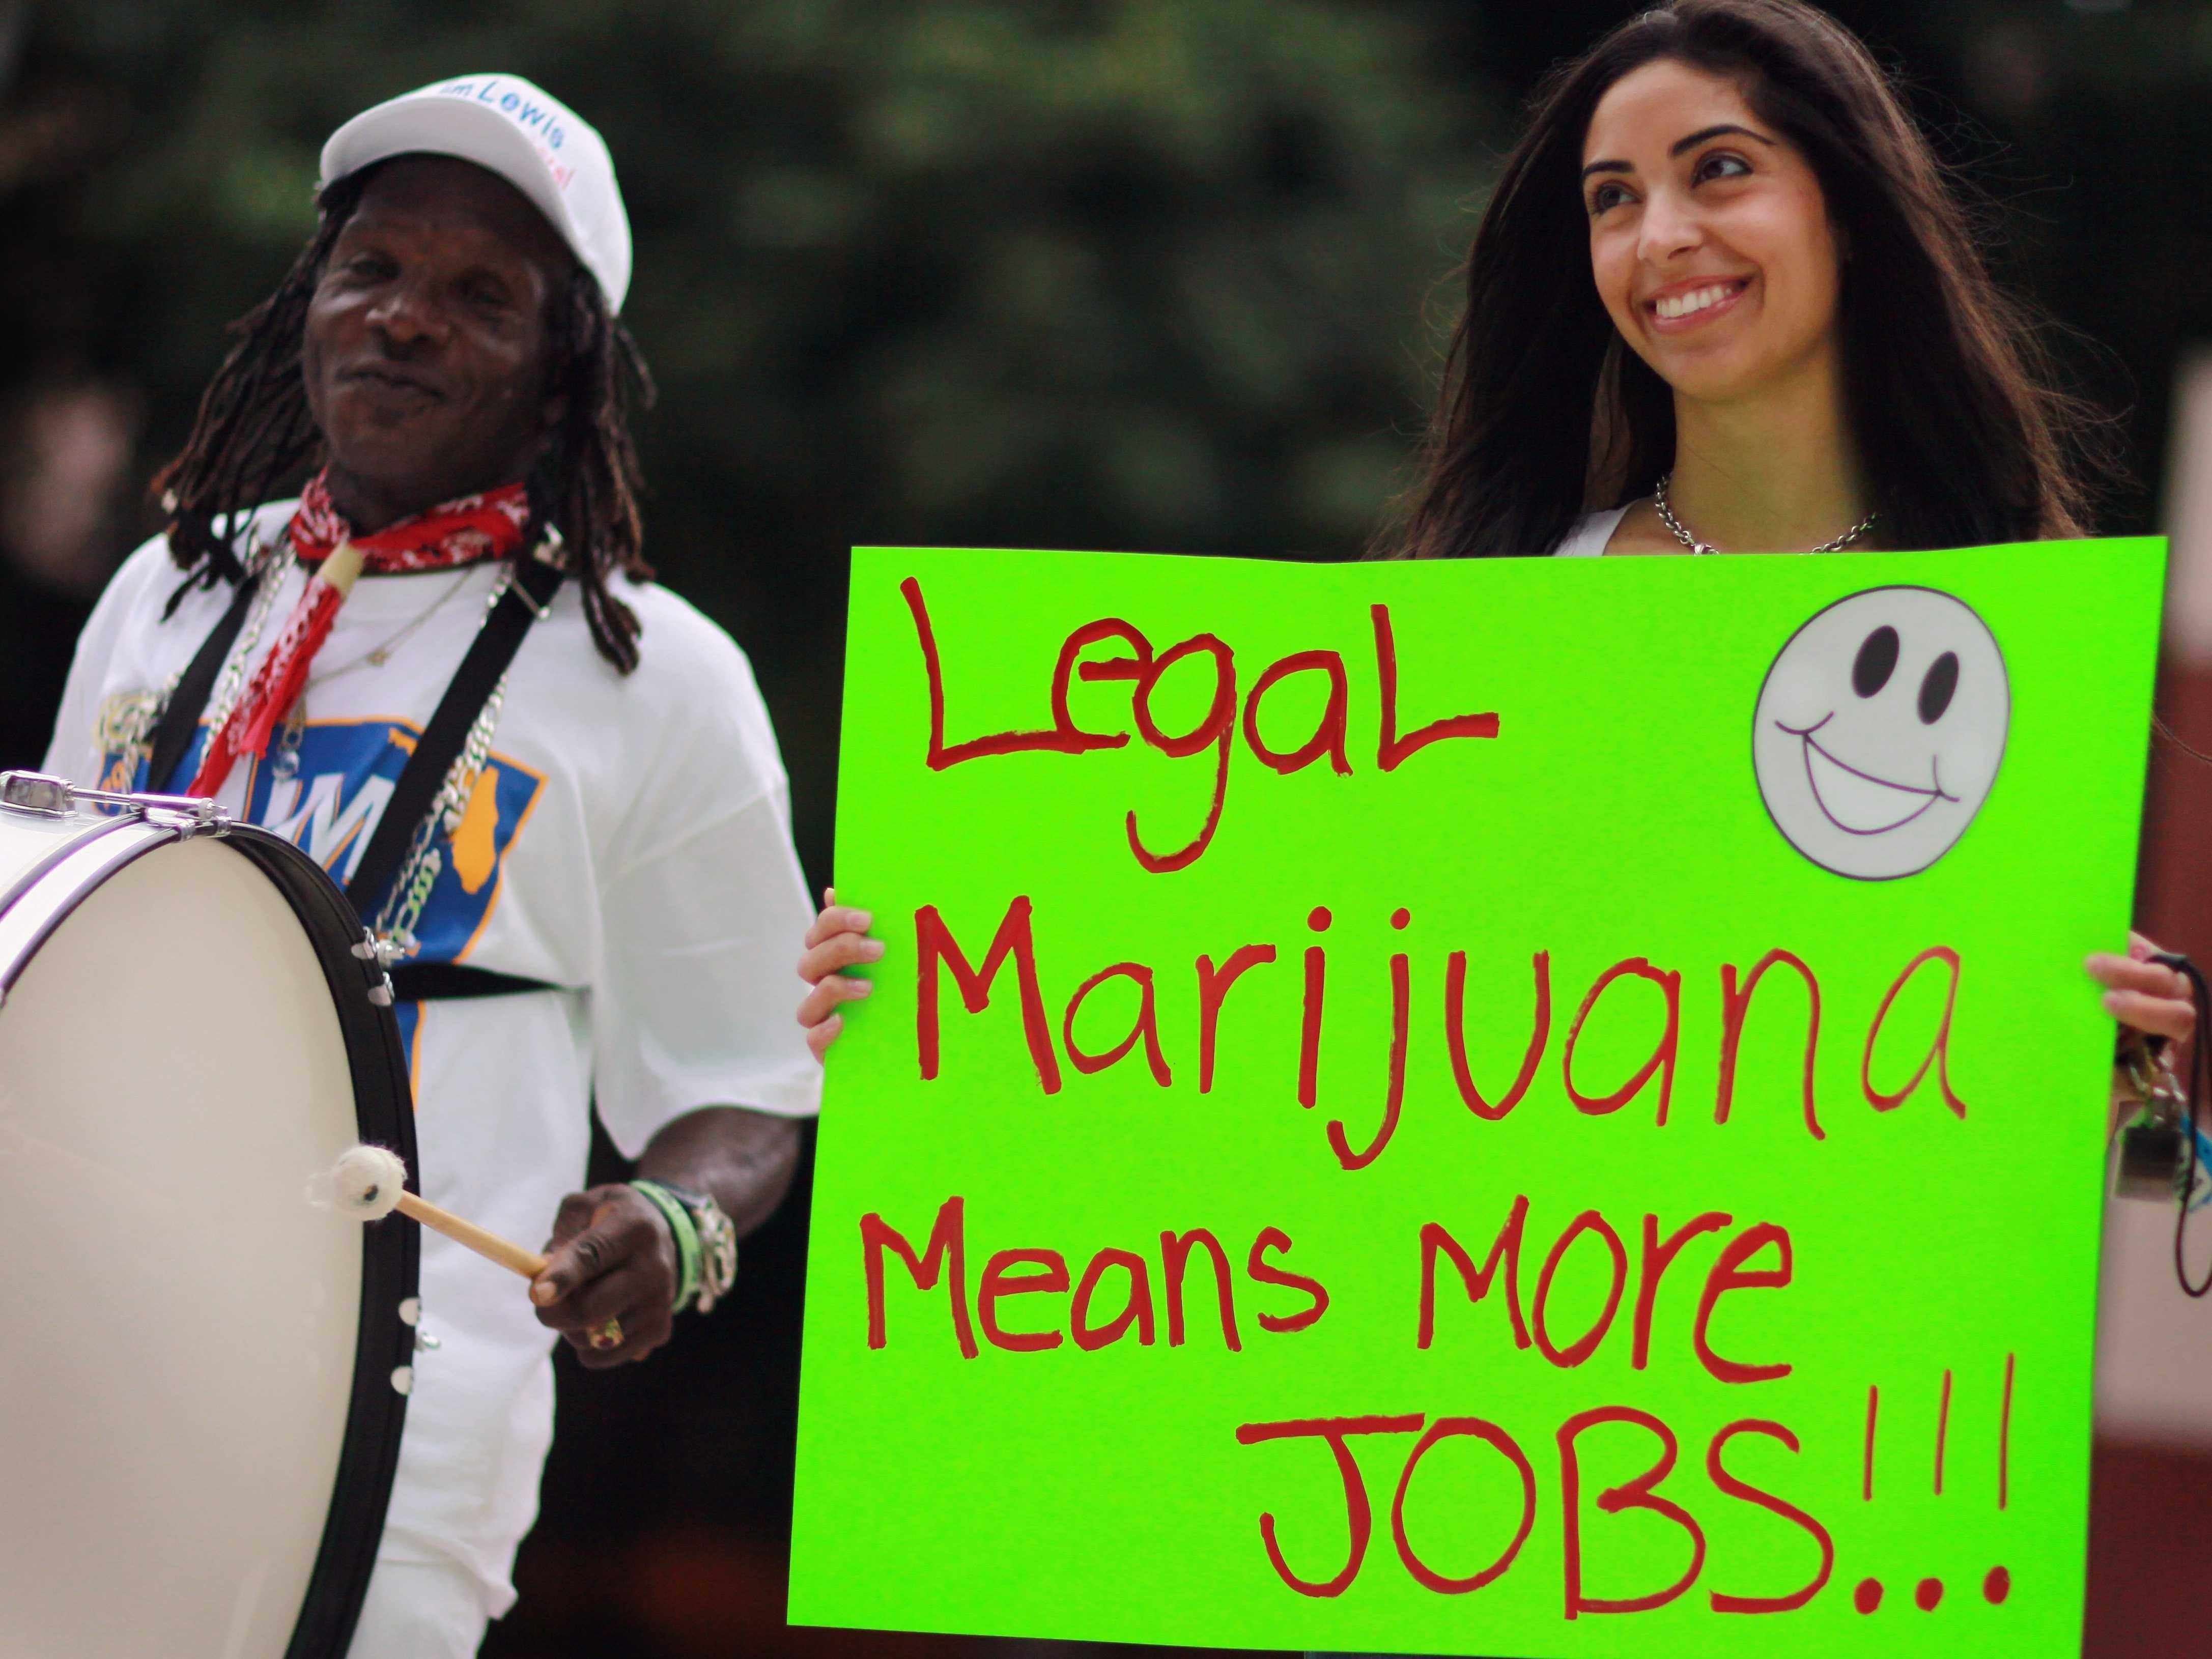 ВМексике одобрили личное потребление марихуаны